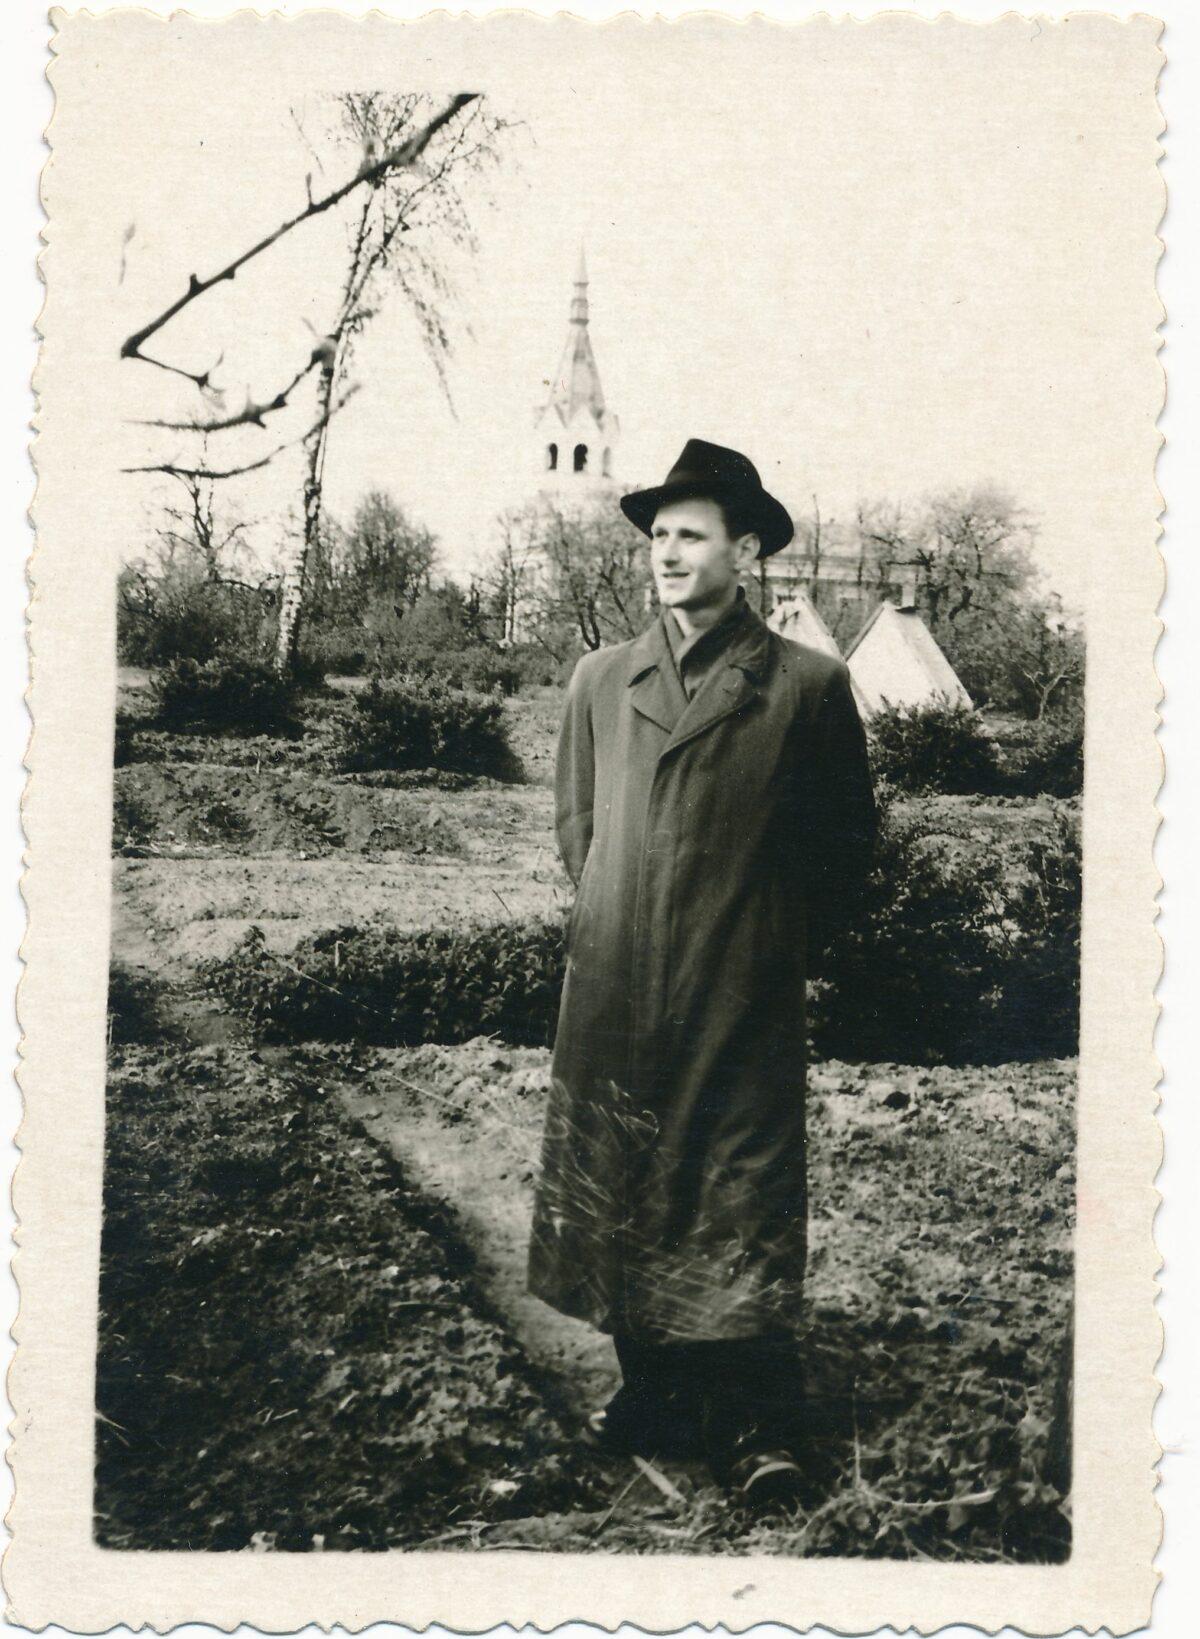 Bronius Kutavičius Panevėžys. 1953 m. Panevėžio apskrities G. Petkevičaitės–Bitės viešosios bibliotekos fondo nuotr.